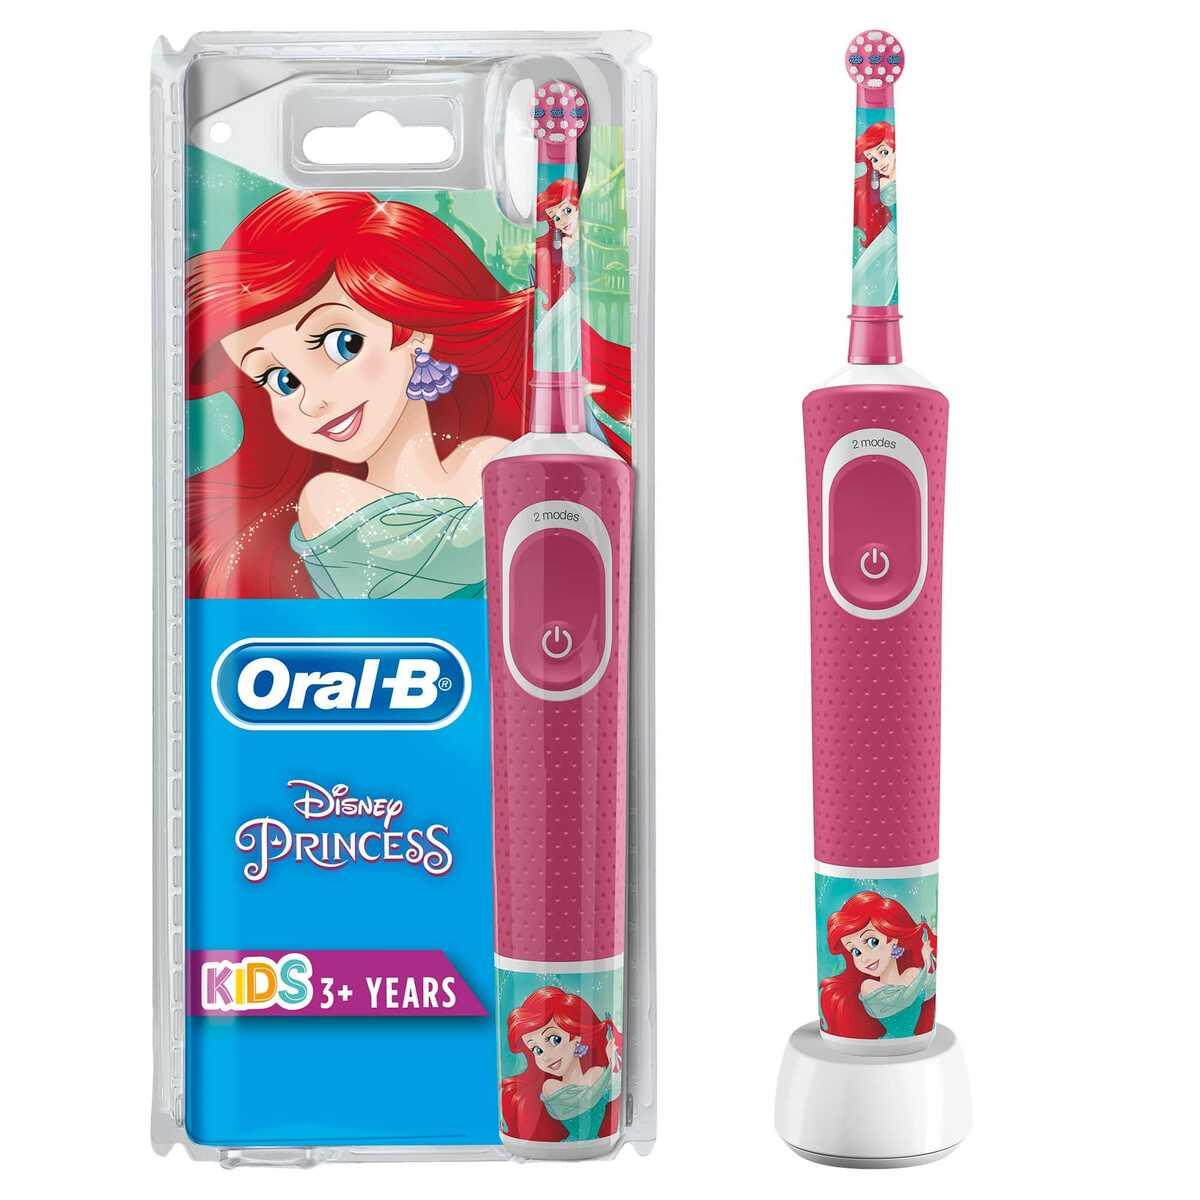 Oral-B D100 Vitality Princess Özel Seri Çocuklar İçin Şarj Edilebilir Diş Fırçası